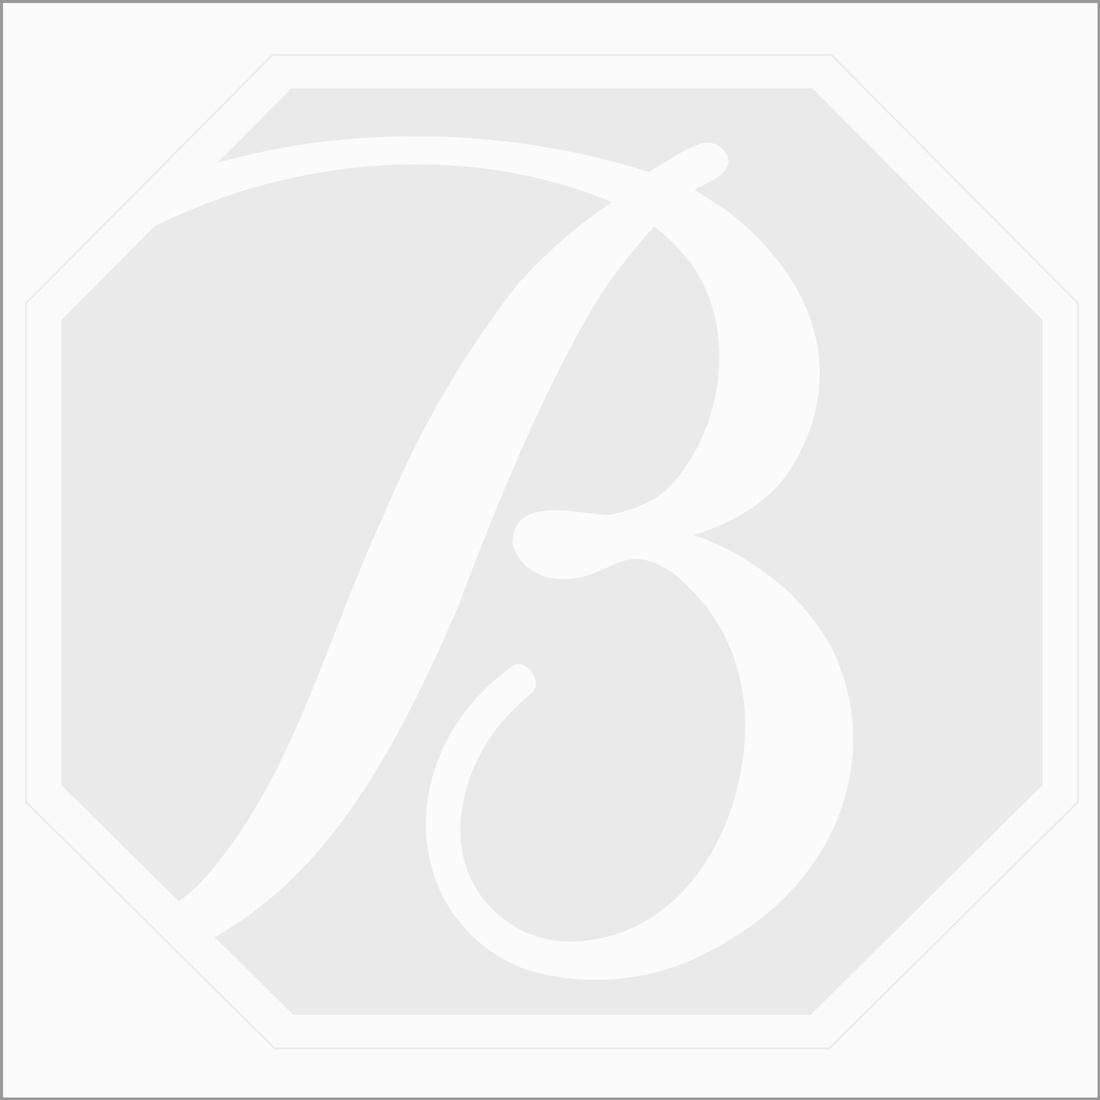 1 Pc. White Diamond Briolette - 1.57 ct. - 6.5 x 5.3 x 5 mm (DBR1003)